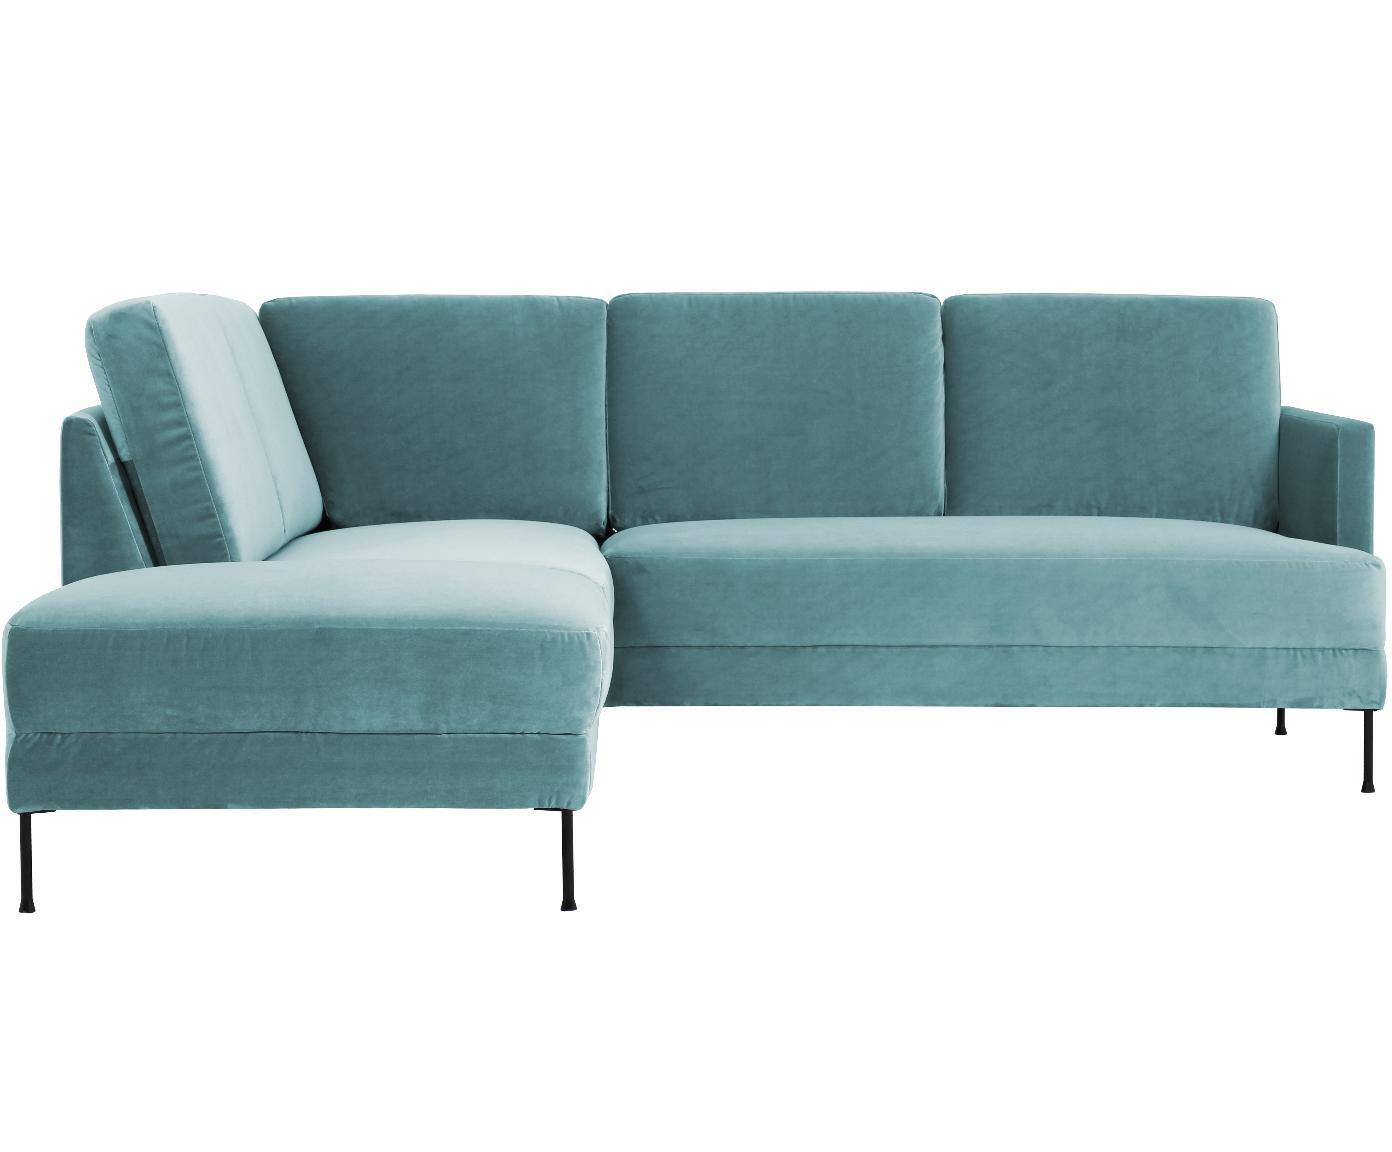 Sofa narożna z aksamitu Fluente, Tapicerka: aksamit (wysokiej jakości, Stelaż: lite drewno sosnowe, Nogi: metal lakierowany, Aksamitny turkusowy, S 221 x G 200 cm